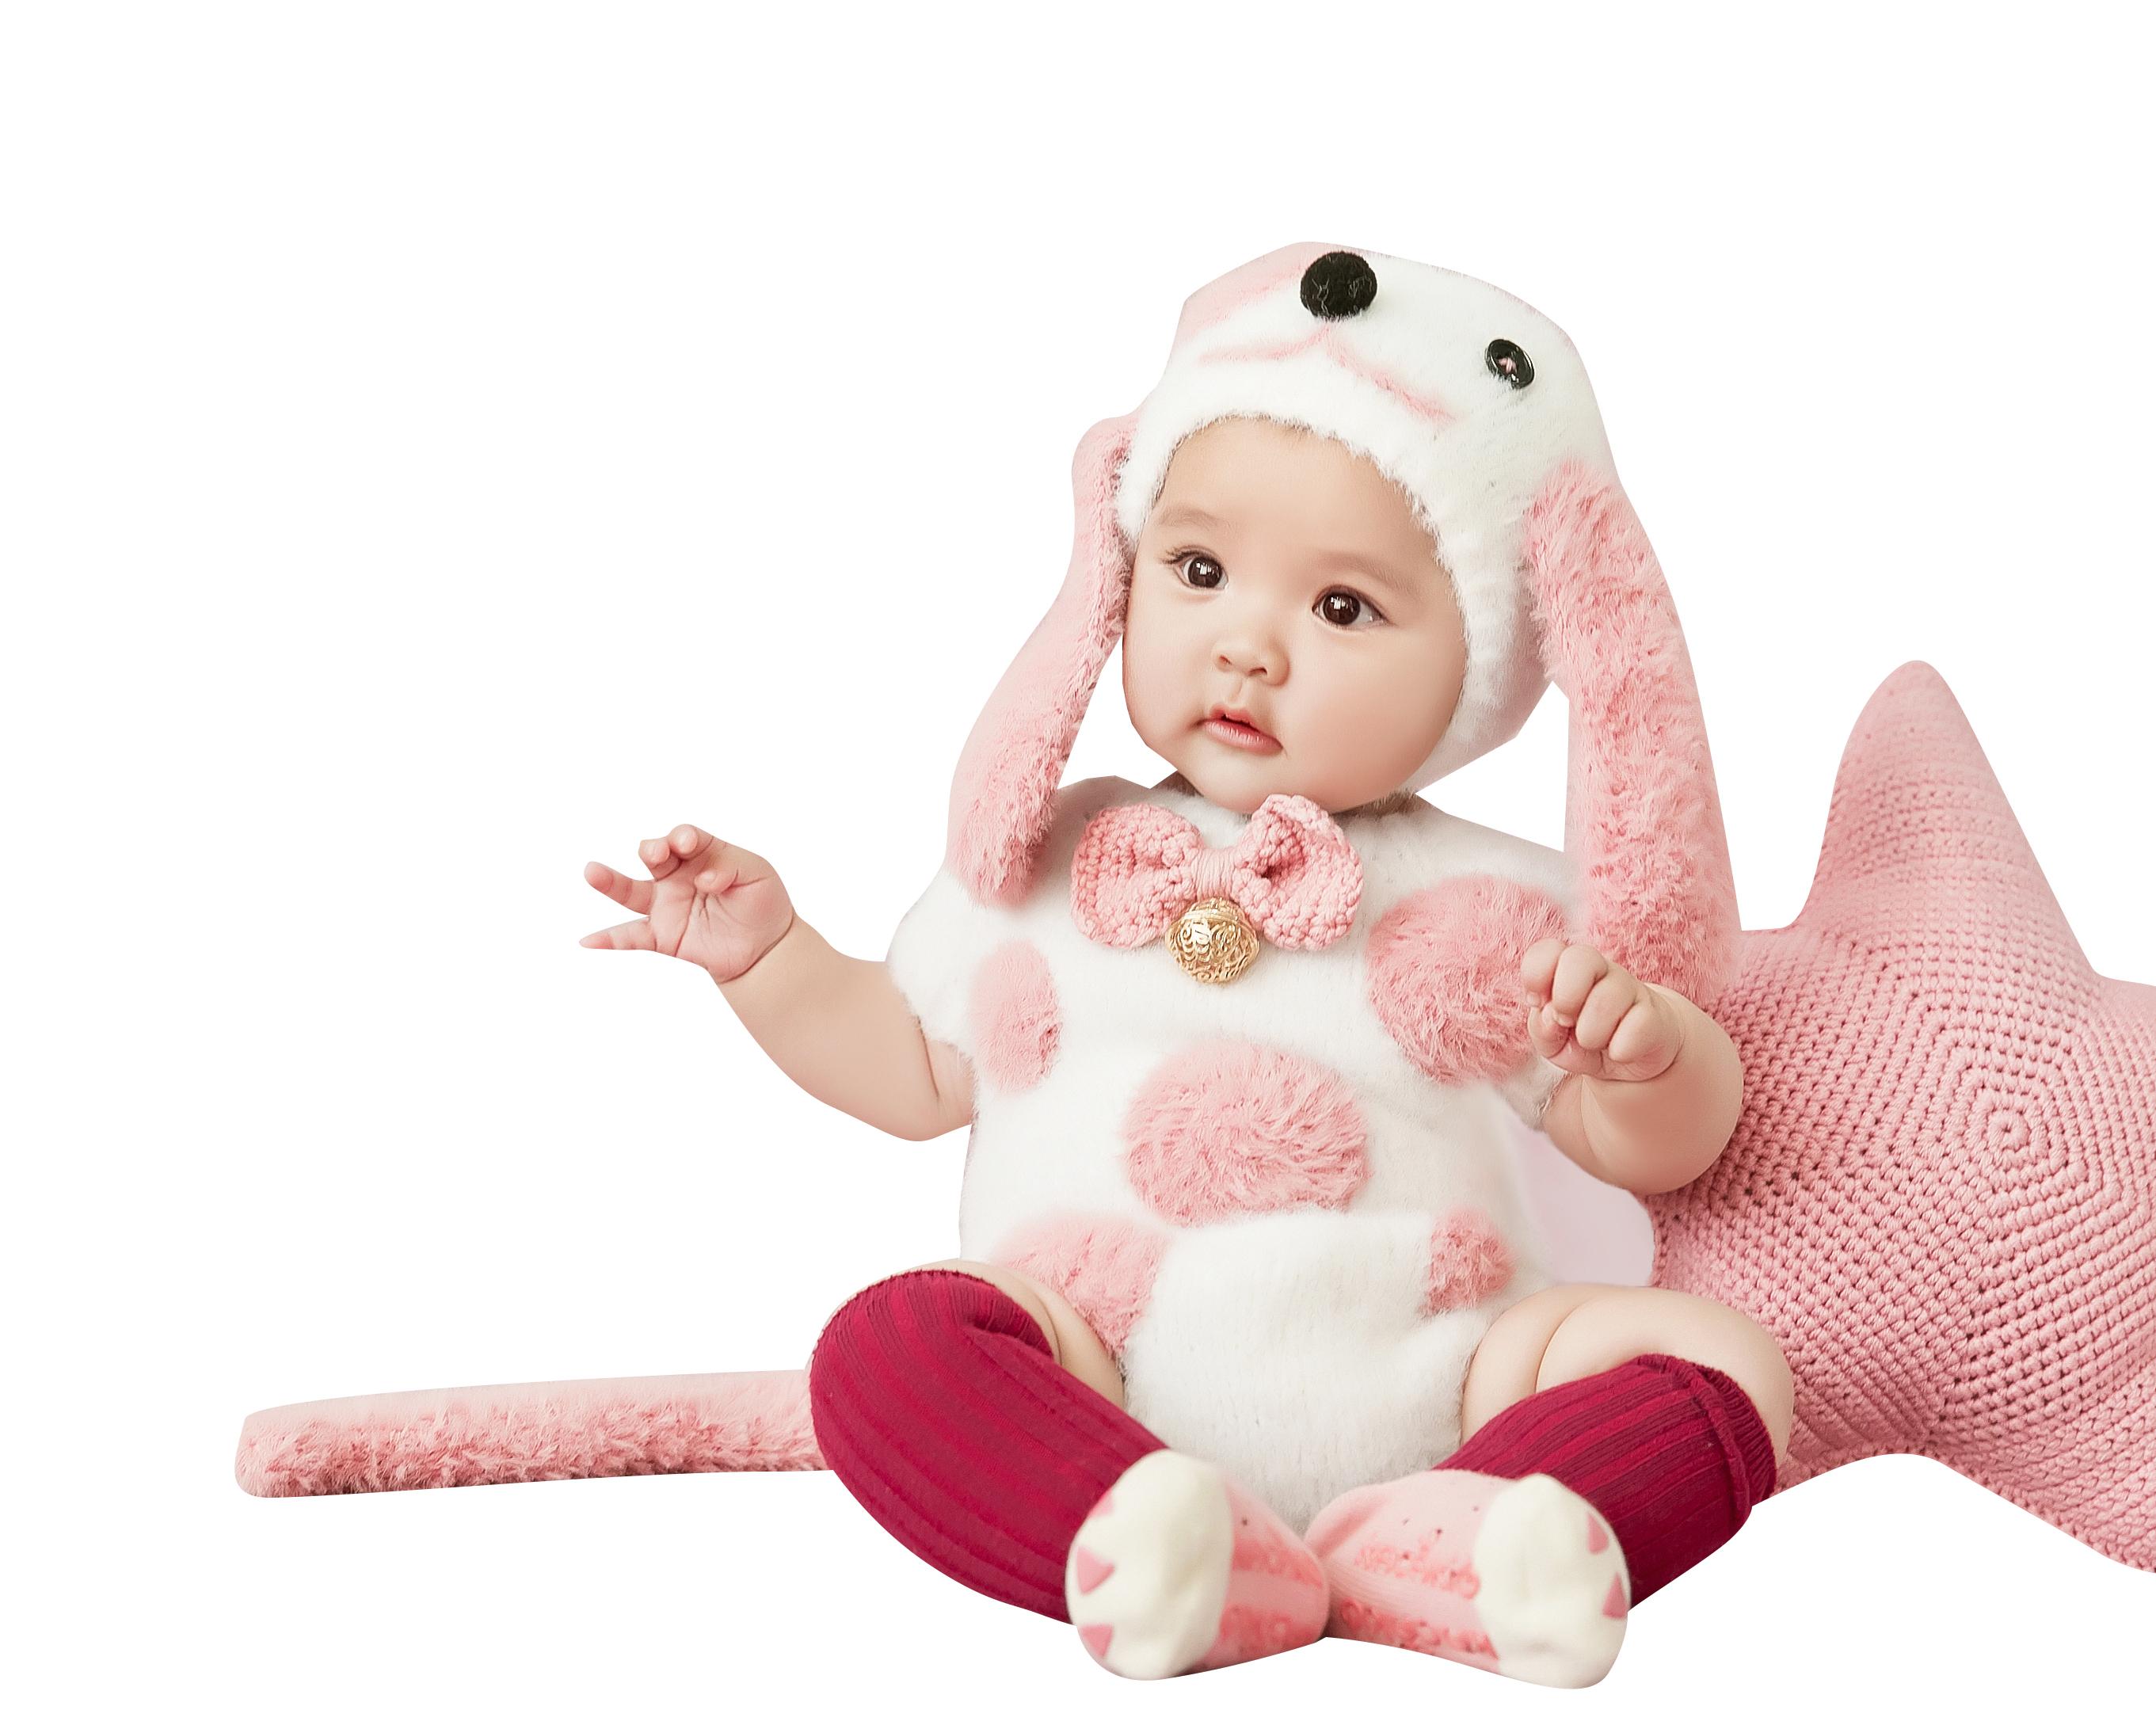 新款百天摄影服装 狗年主题宝宝拍照道具 正版展会艺术照衣服出租